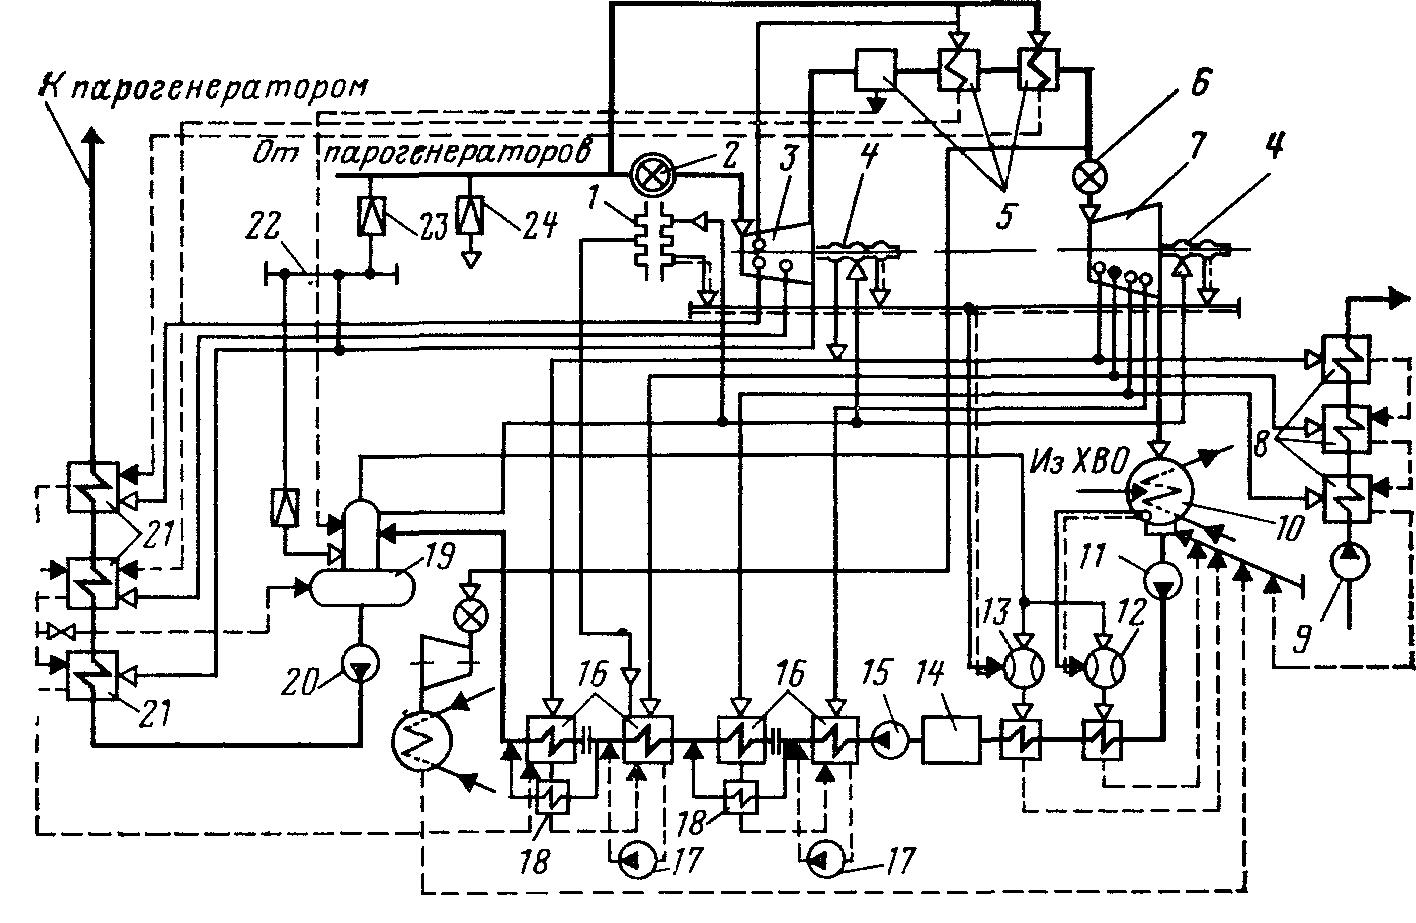 Тепловая схема аэс с ввэр-1000